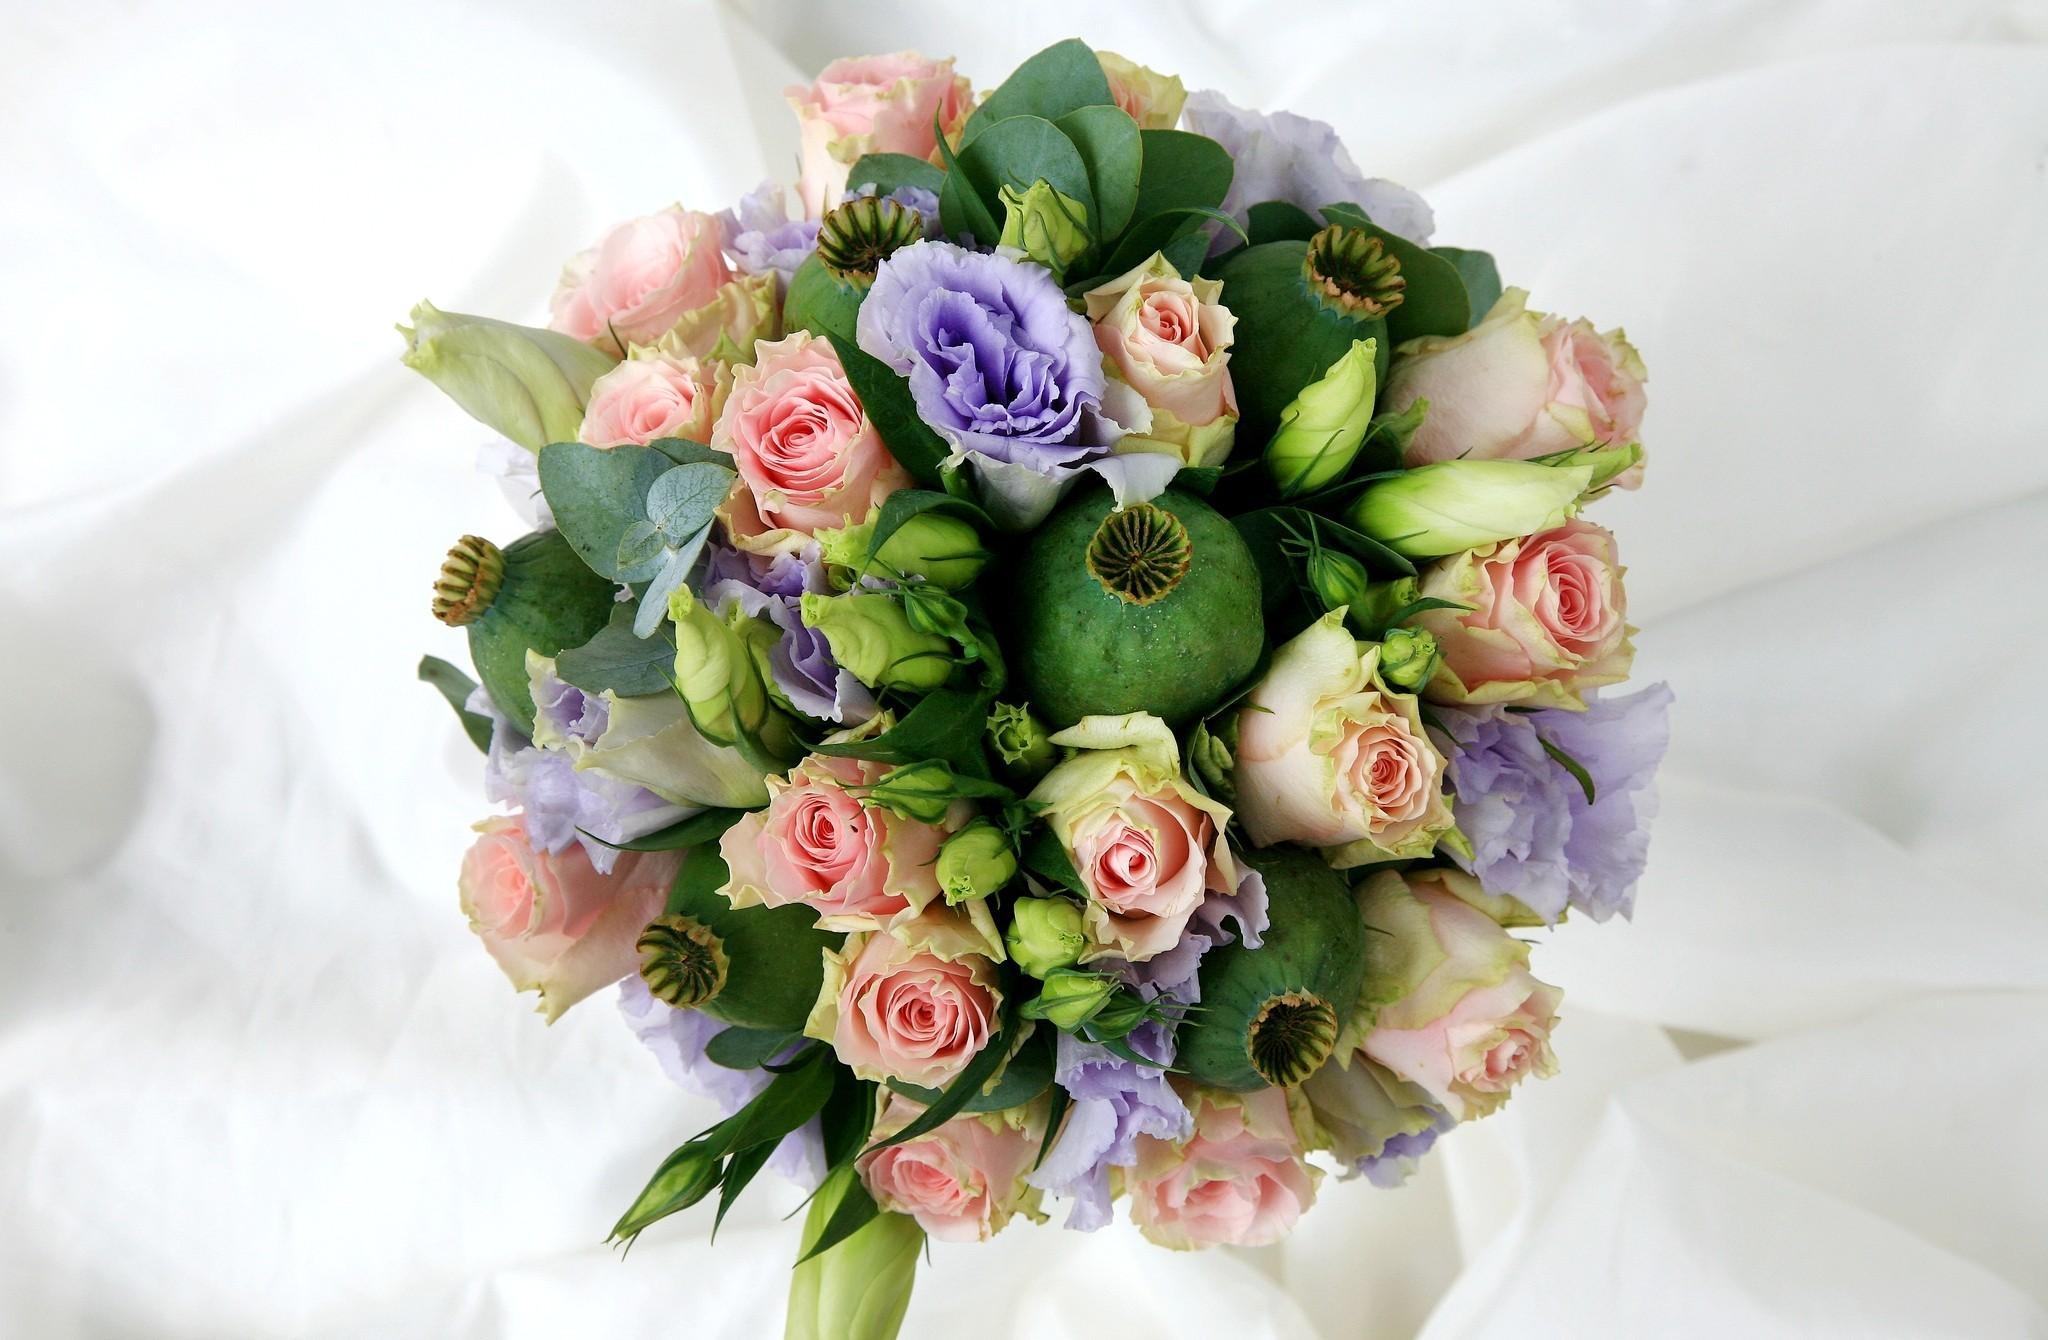 124763 скачать обои Цветы, Лизиантус Рассела, Мак, Коробочки, Букет, Розы - заставки и картинки бесплатно